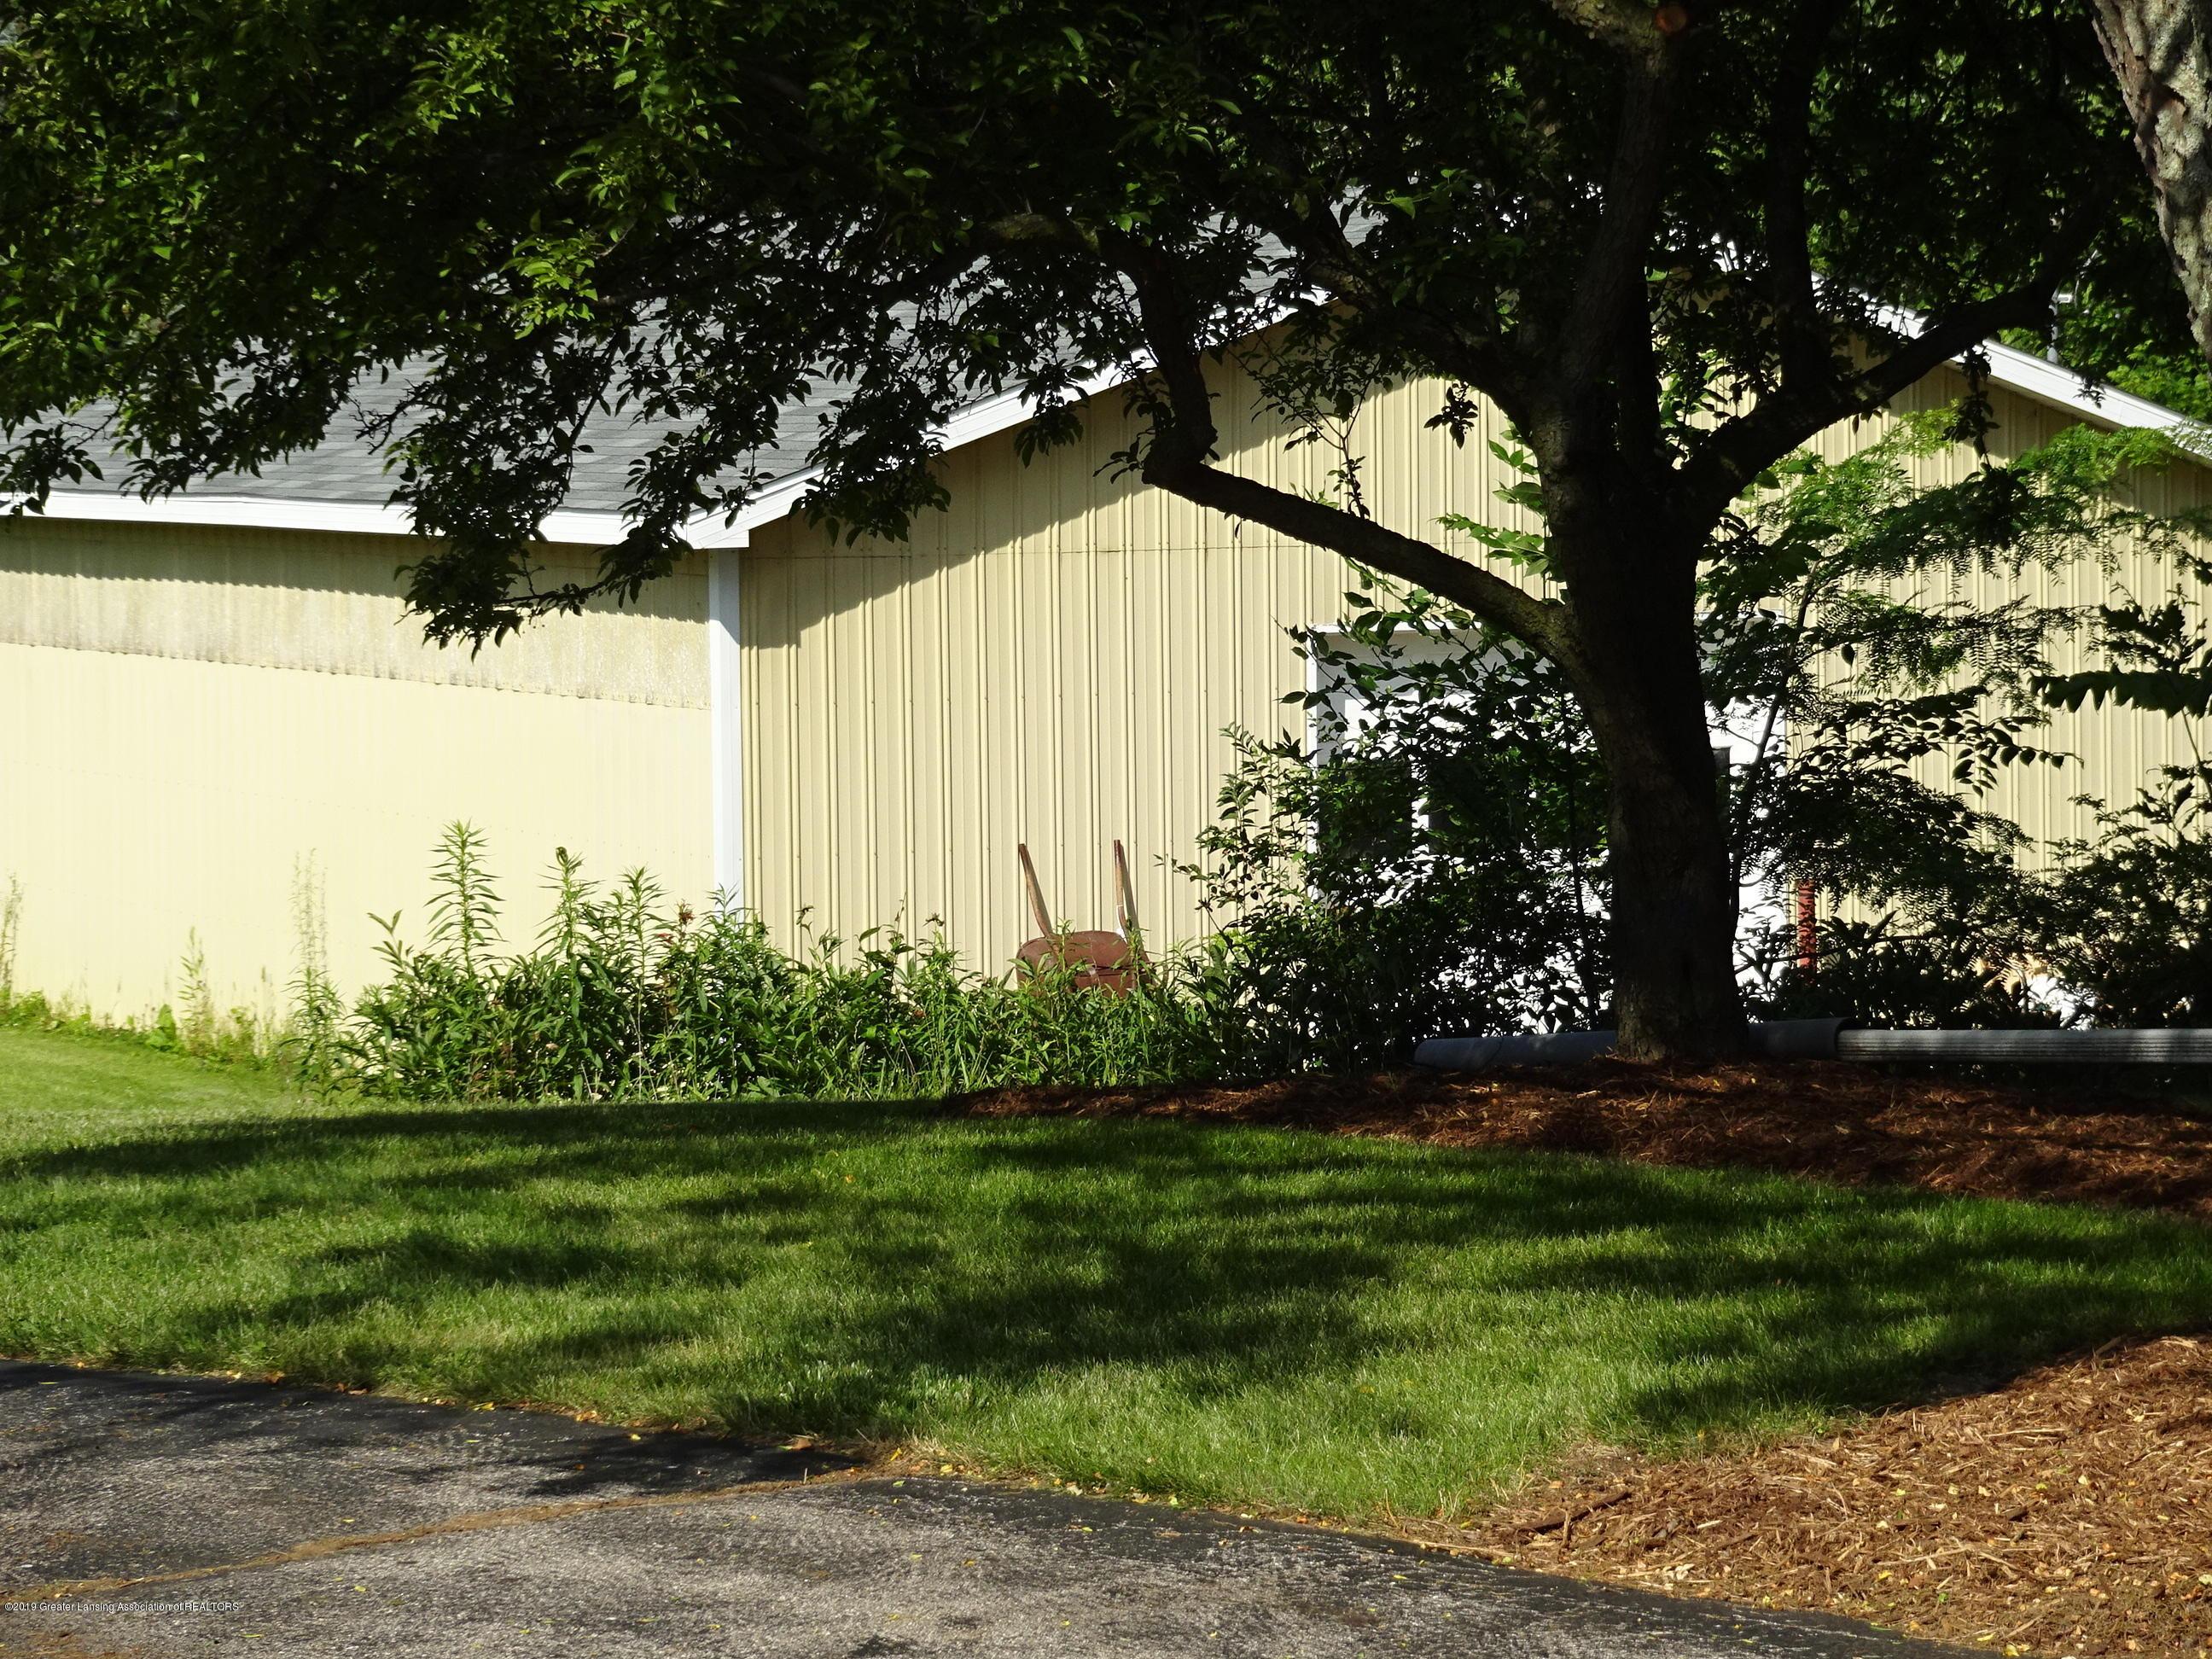 4632 Old Lansing Rd - old lansing rd pole barn - 17